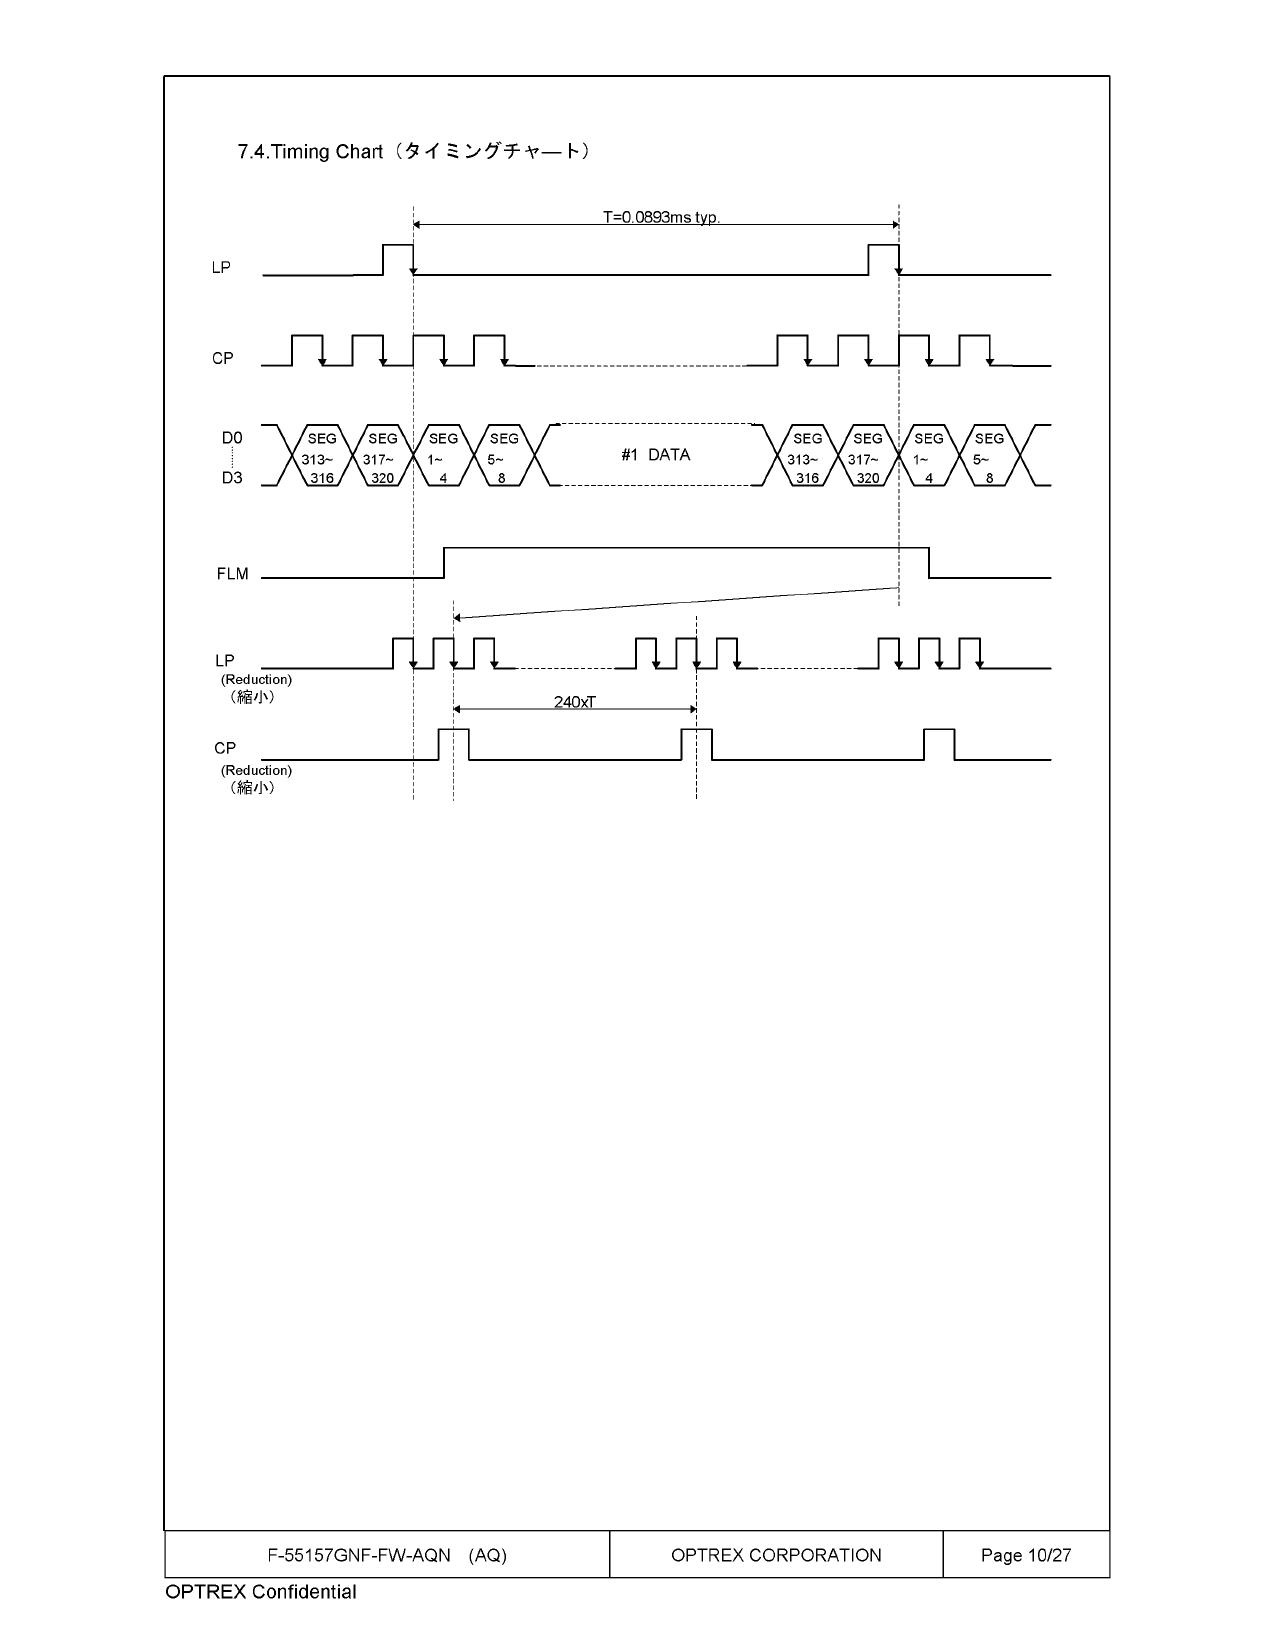 F-55157GNF-FW-AQN arduino